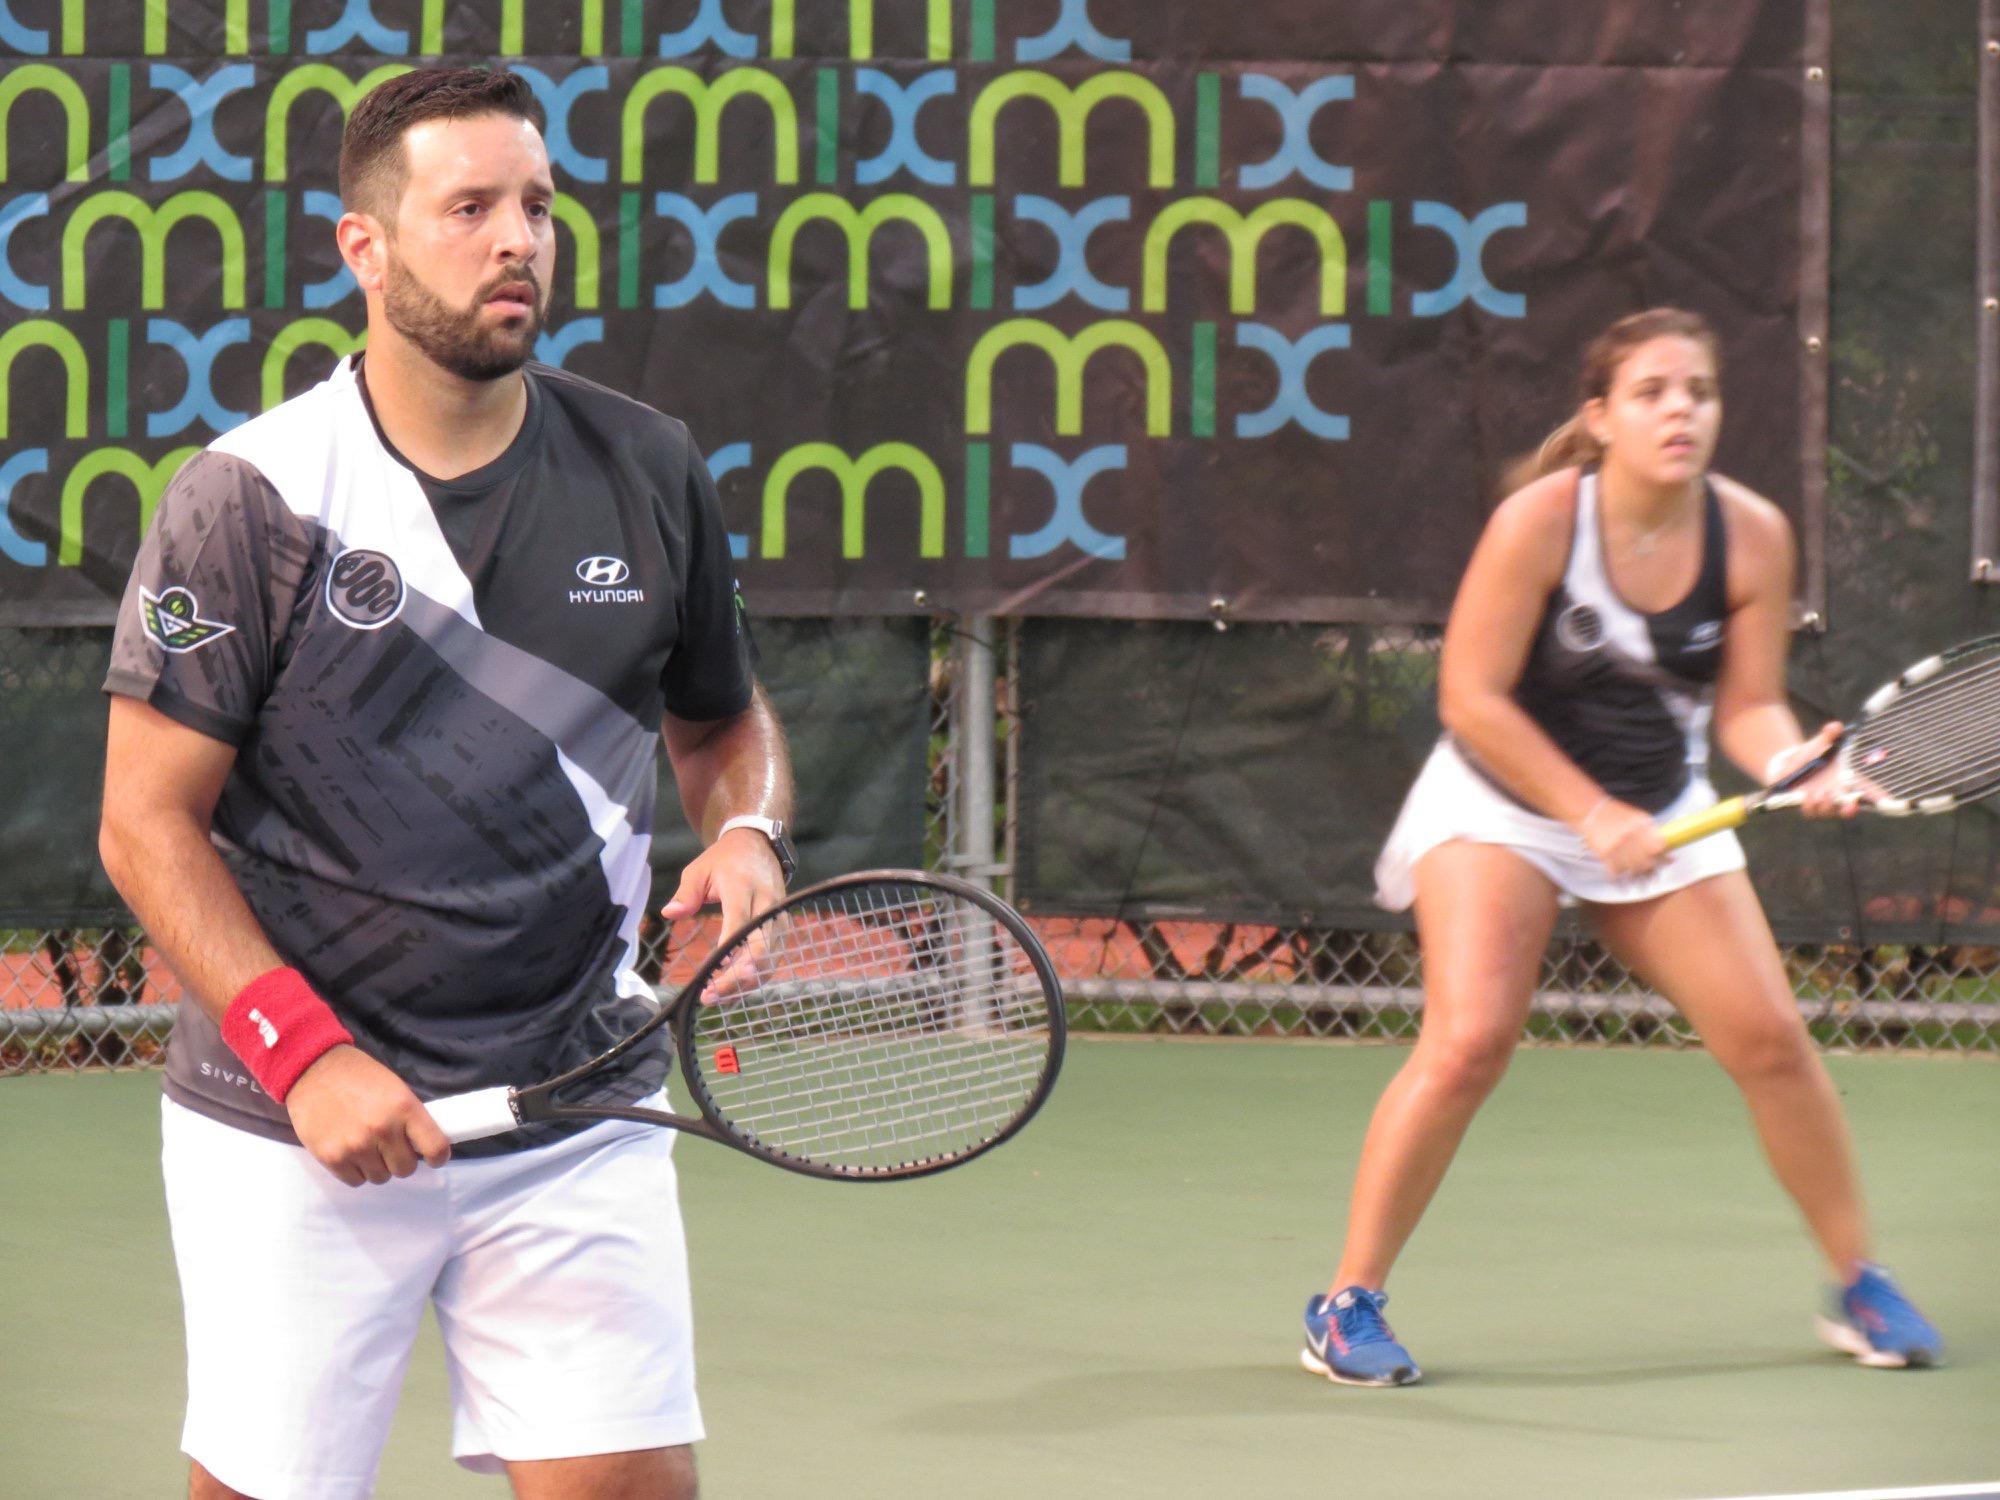 Tenis torneo